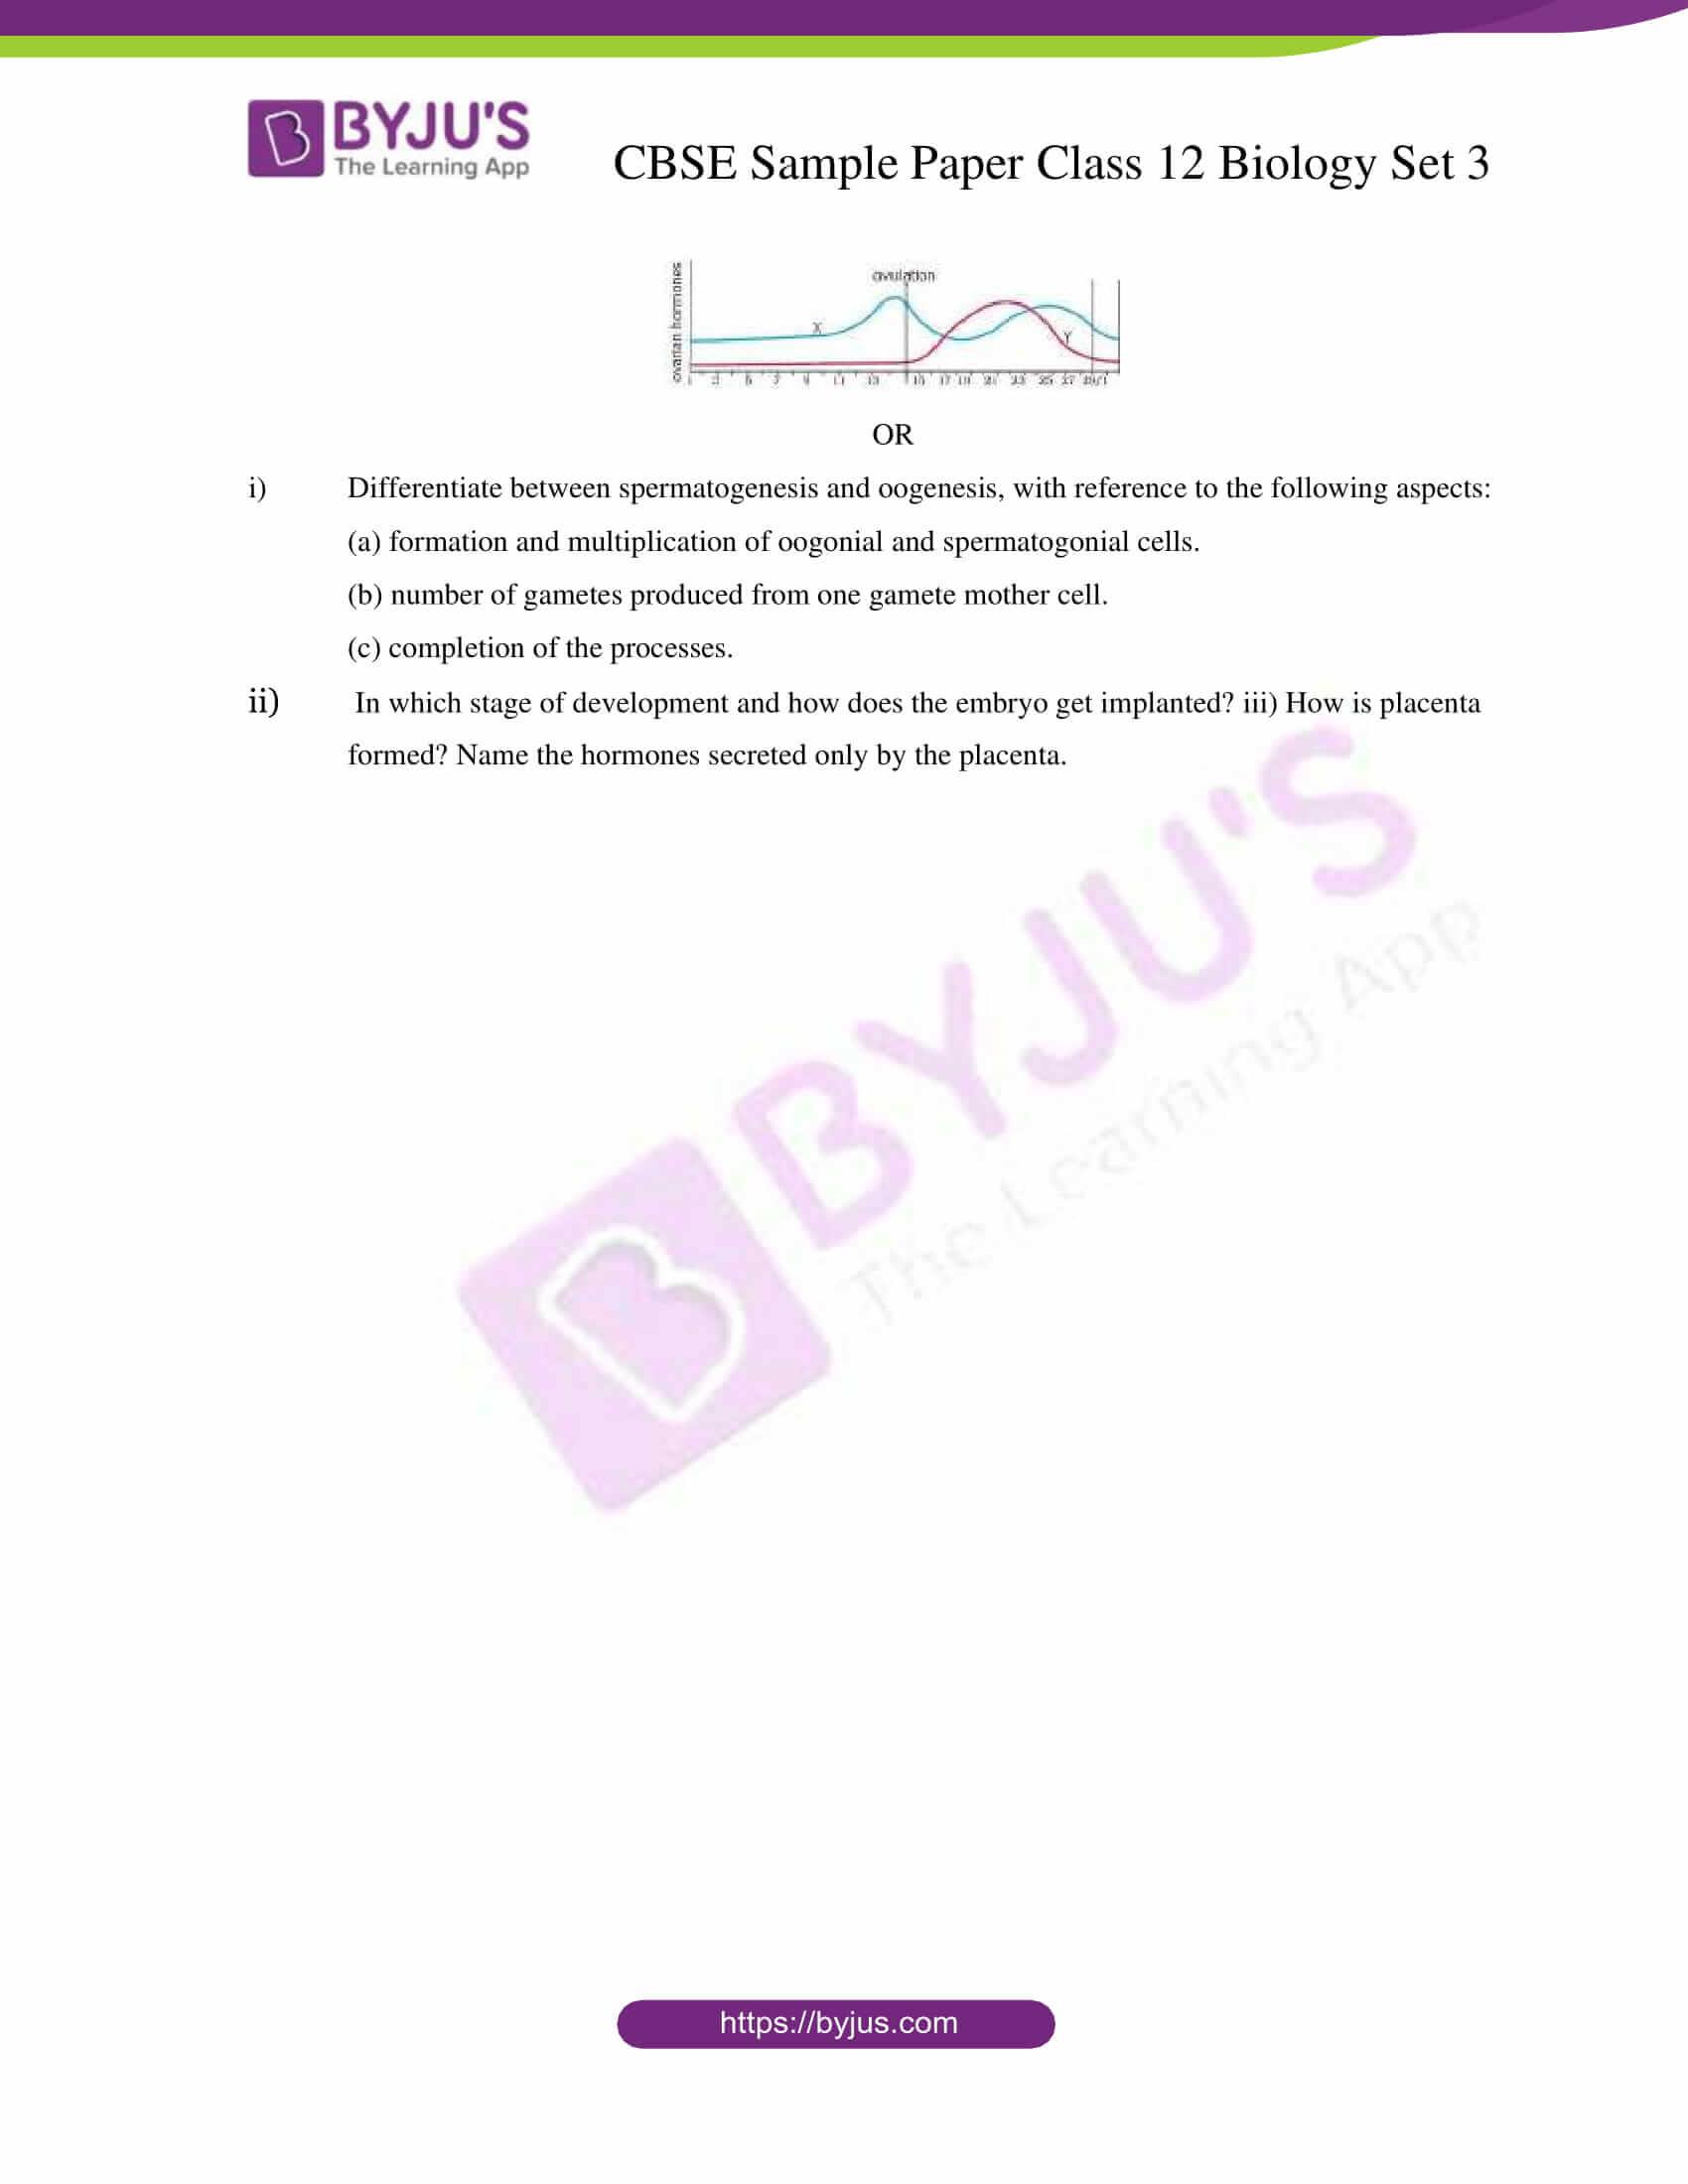 cbse sample paper class 12 biology set 3